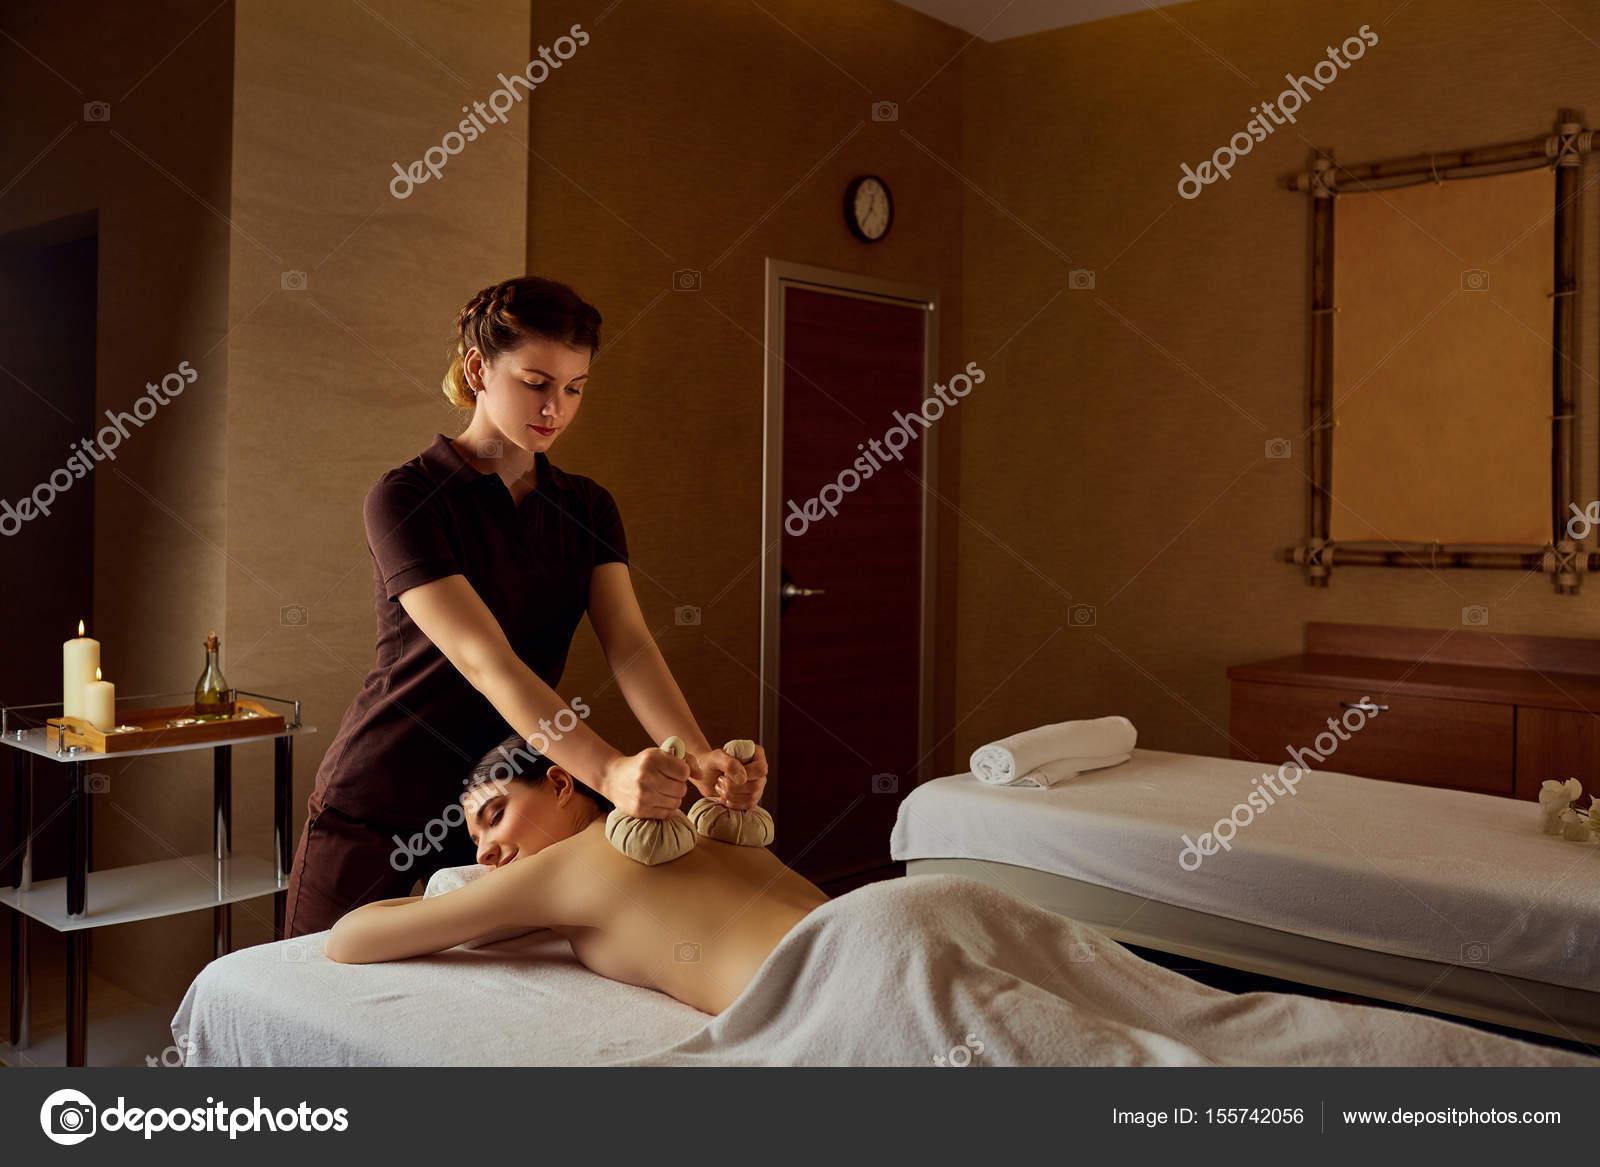 Girl on girl body massage